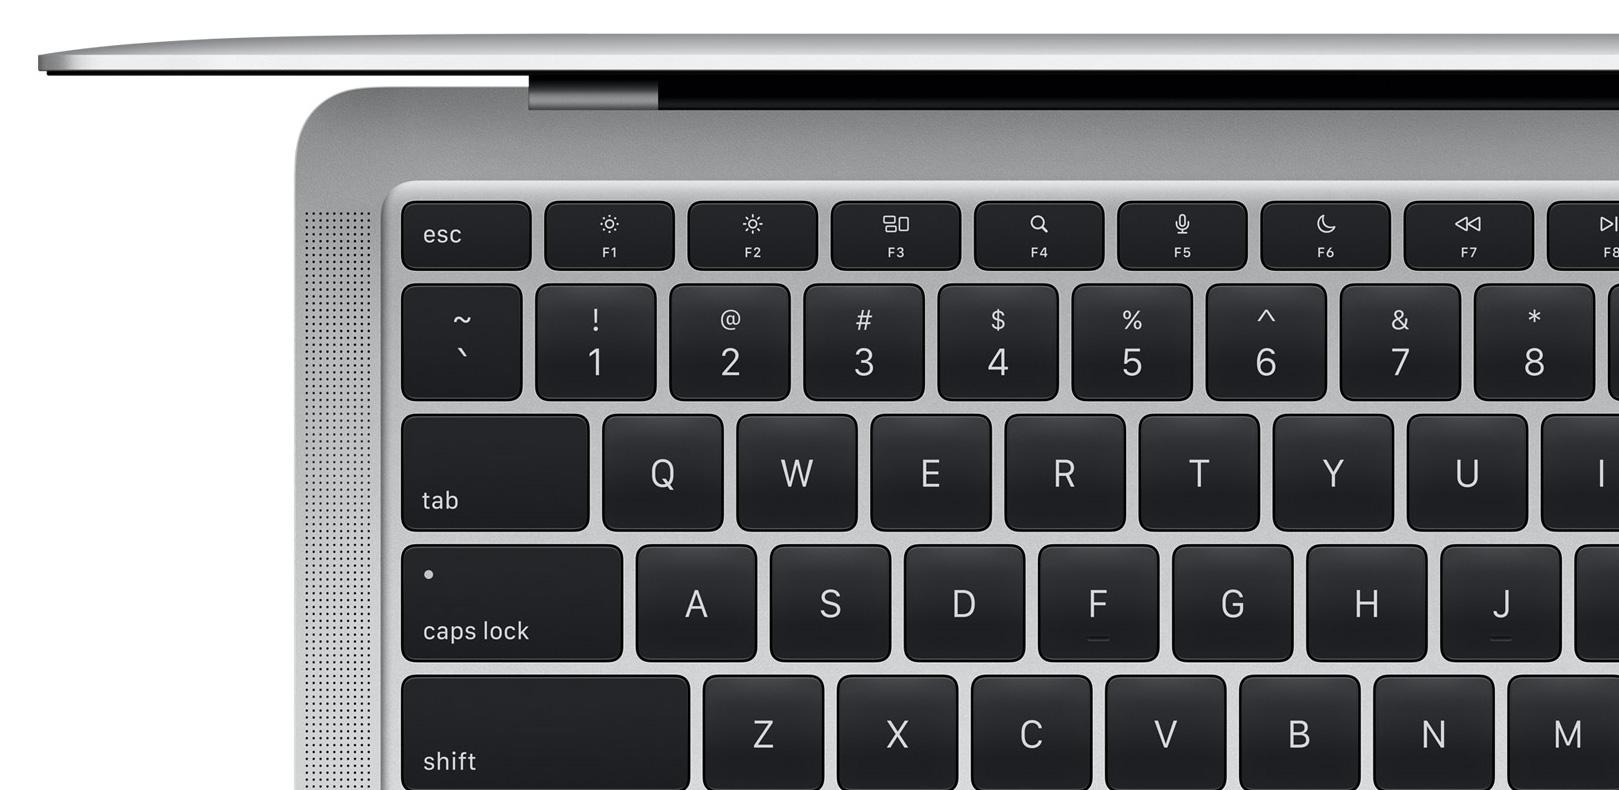 Viele innovative Firmen nutzen die Mac-Plattform im Unternehmen